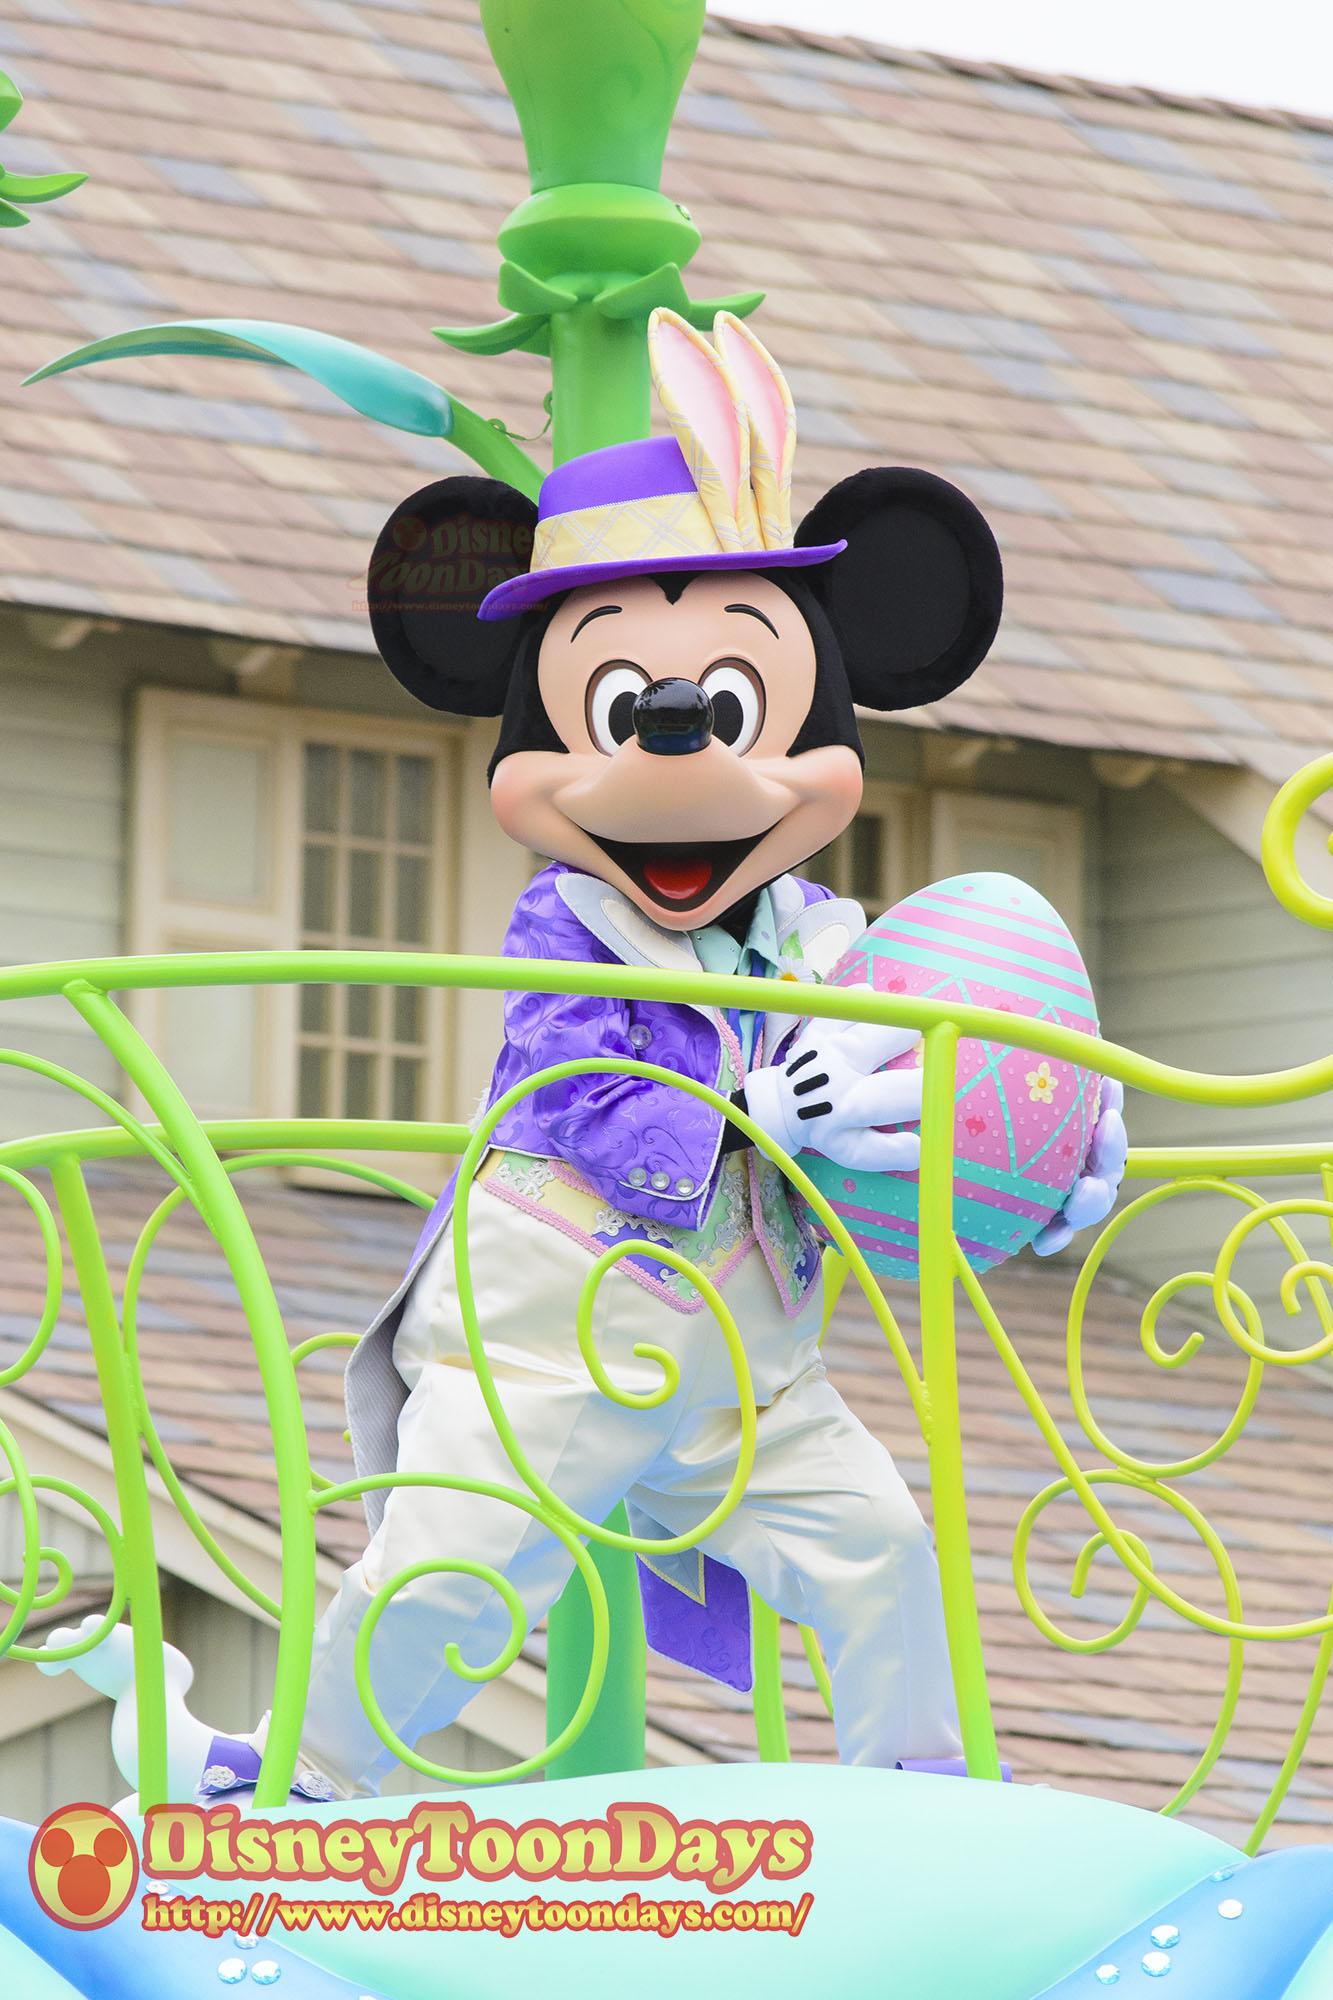 TDL ディズニー・イースター ヒッピティ・ホッピティ・スプリングタイム 2014 ミッキーマウス